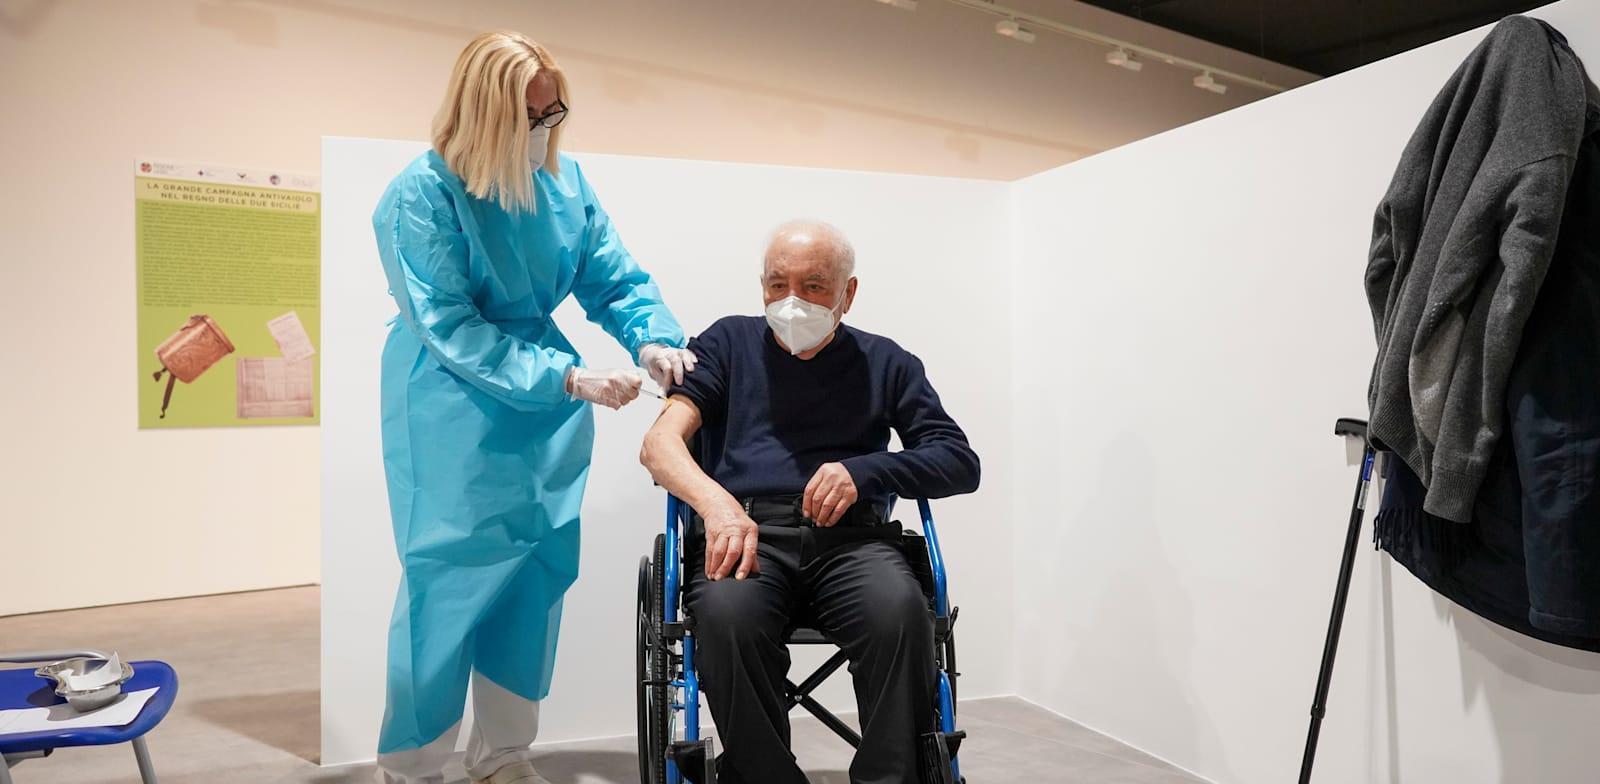 קשיש מקבל מנת חיסון של מודרנה במרכז חיסונים ברומא, איטליה / צילום: Associated Press, Andrew Medichini